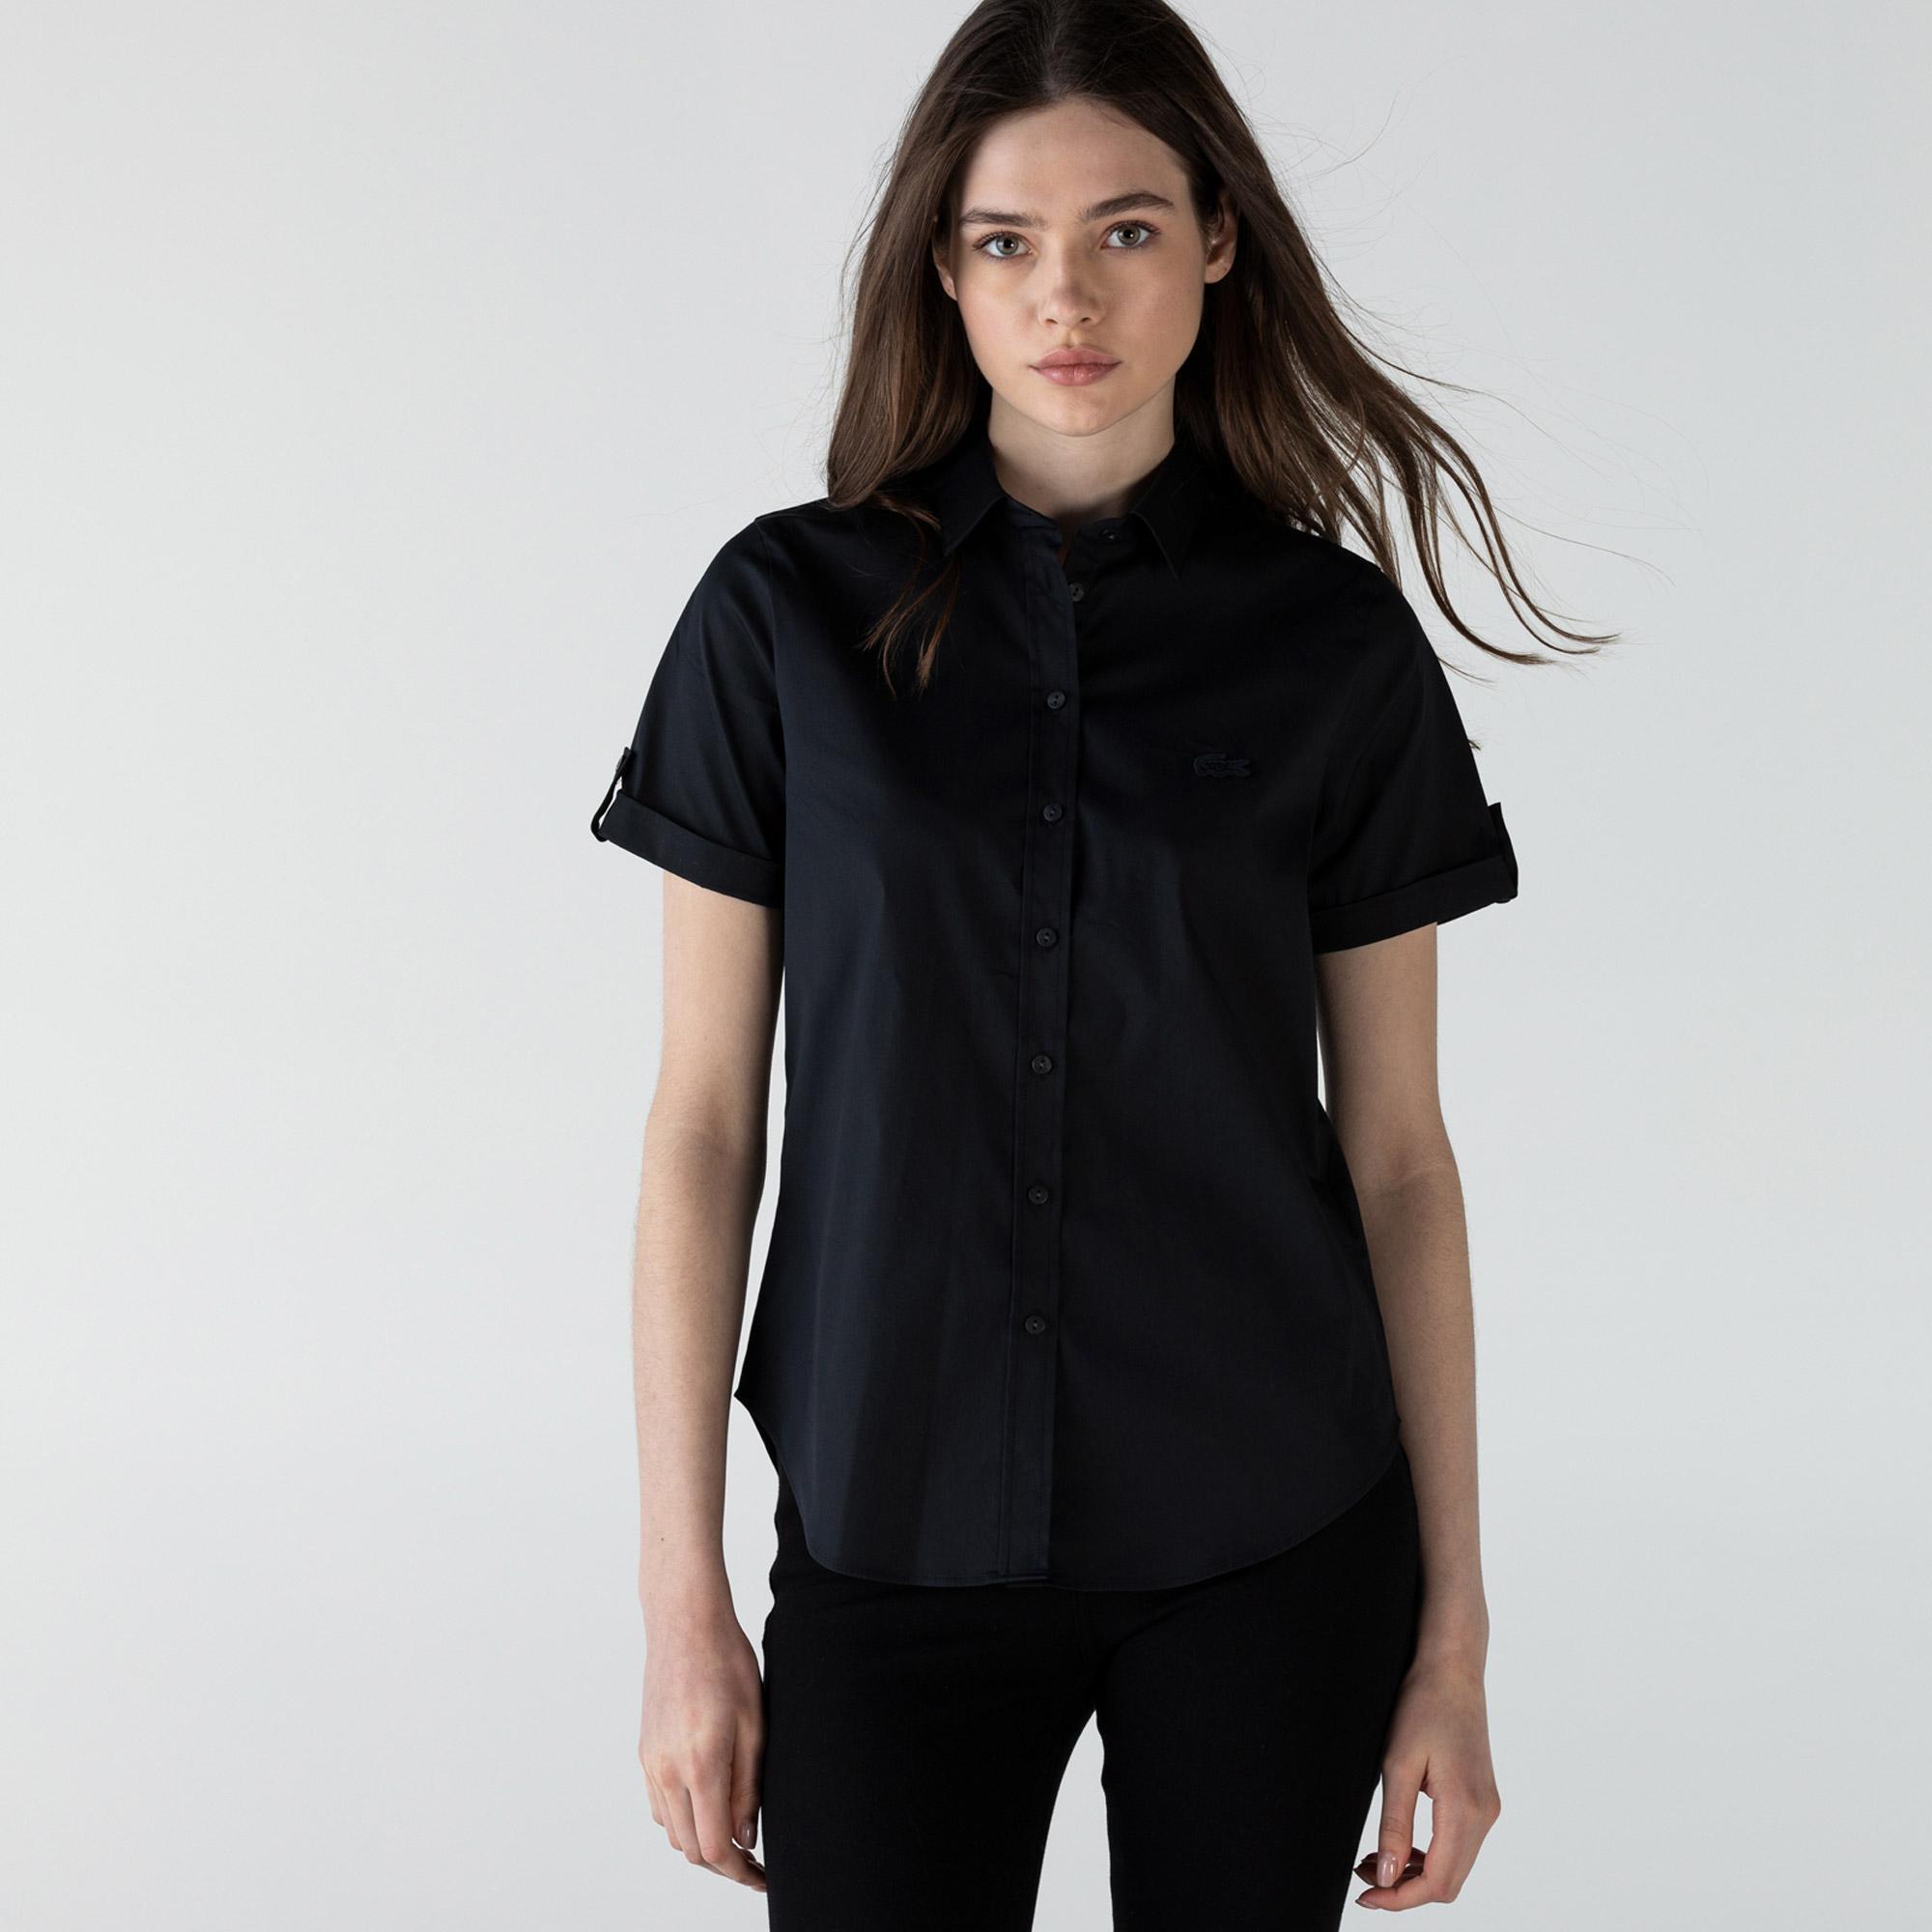 Lacoste Kadın Kısa Kollu Siyah Gömlek